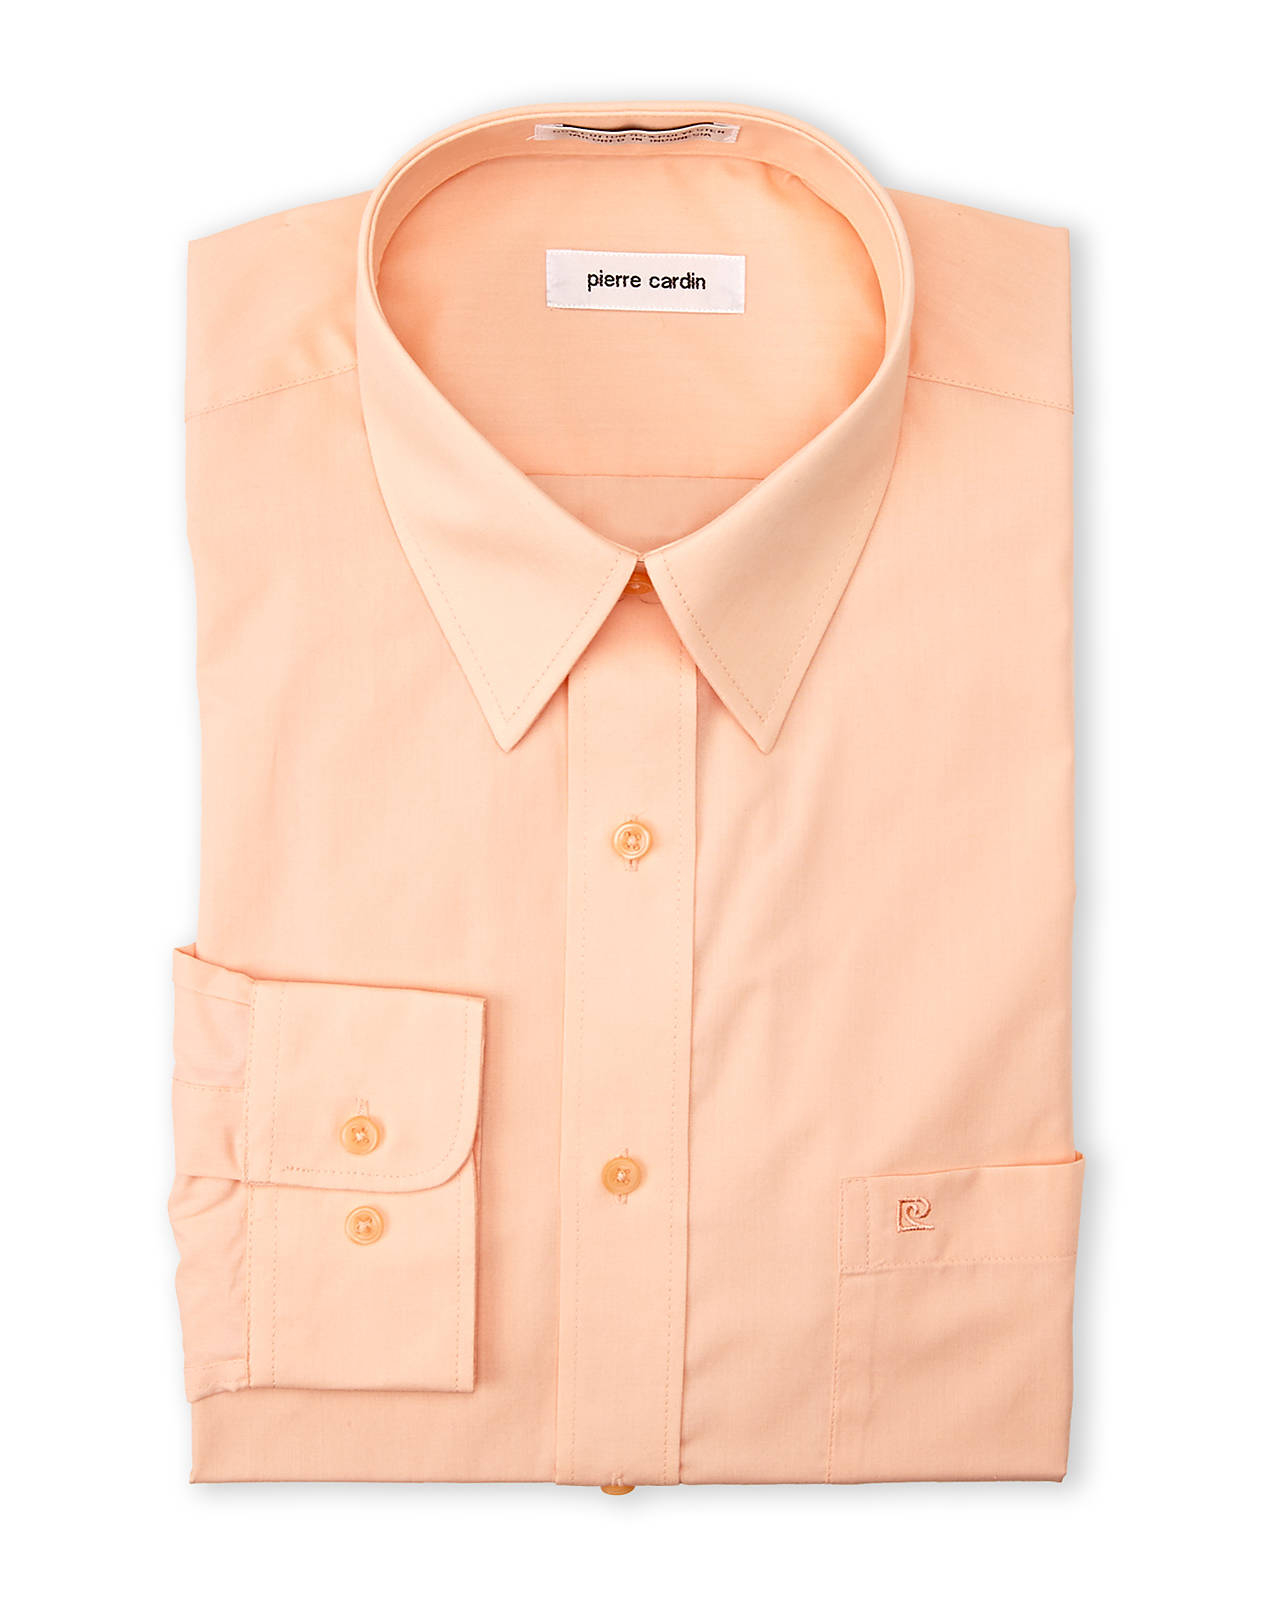 Lyst Pierre Cardin Honey Dew Dress Shirt In Orange For Men